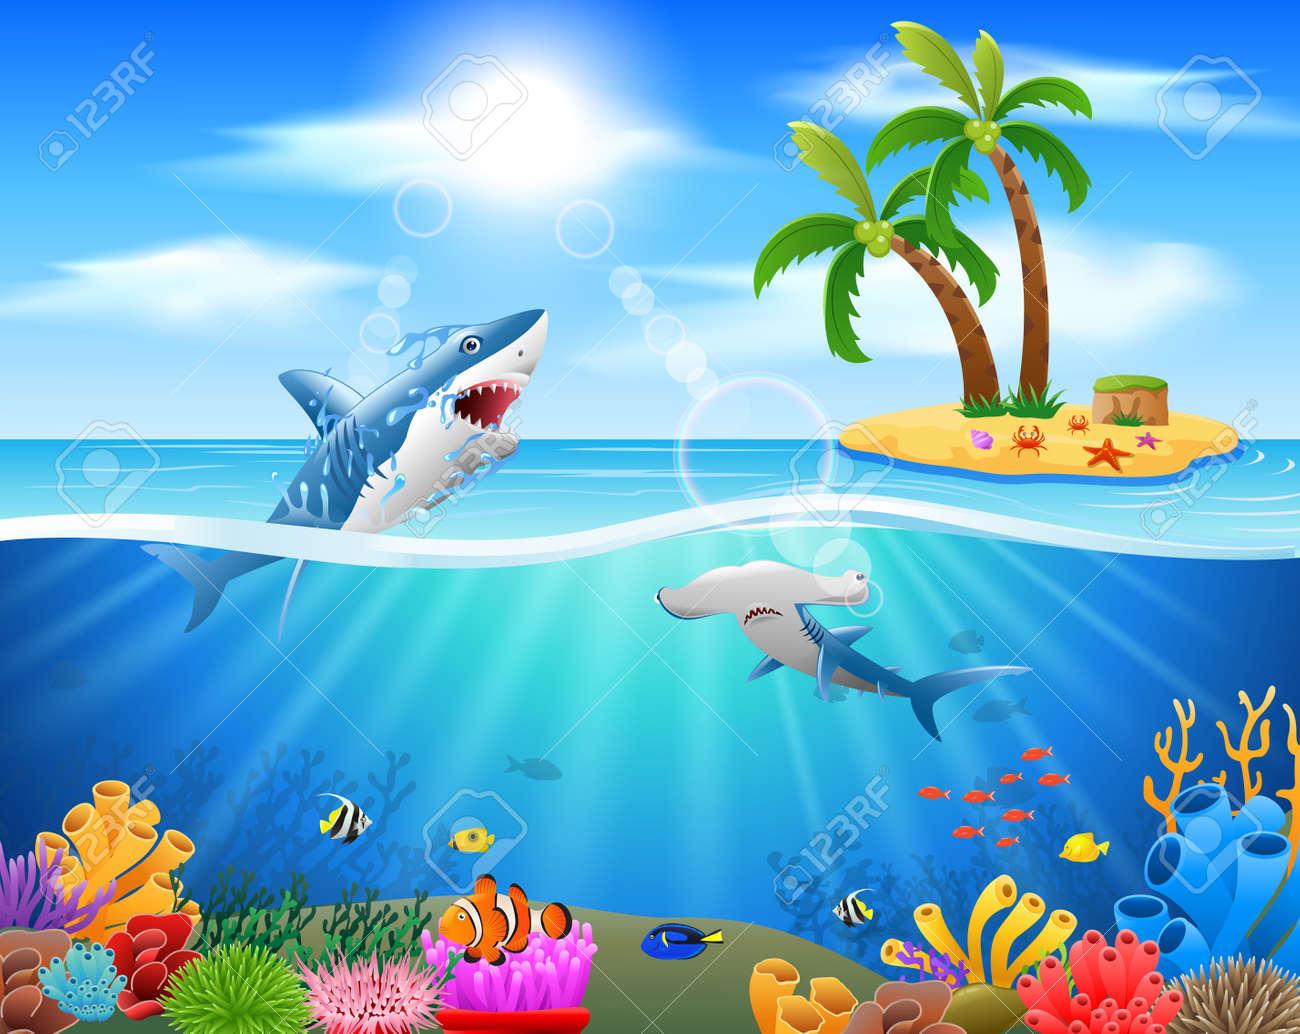 Cartoon shark jumping in blue ocean background  vector illustration